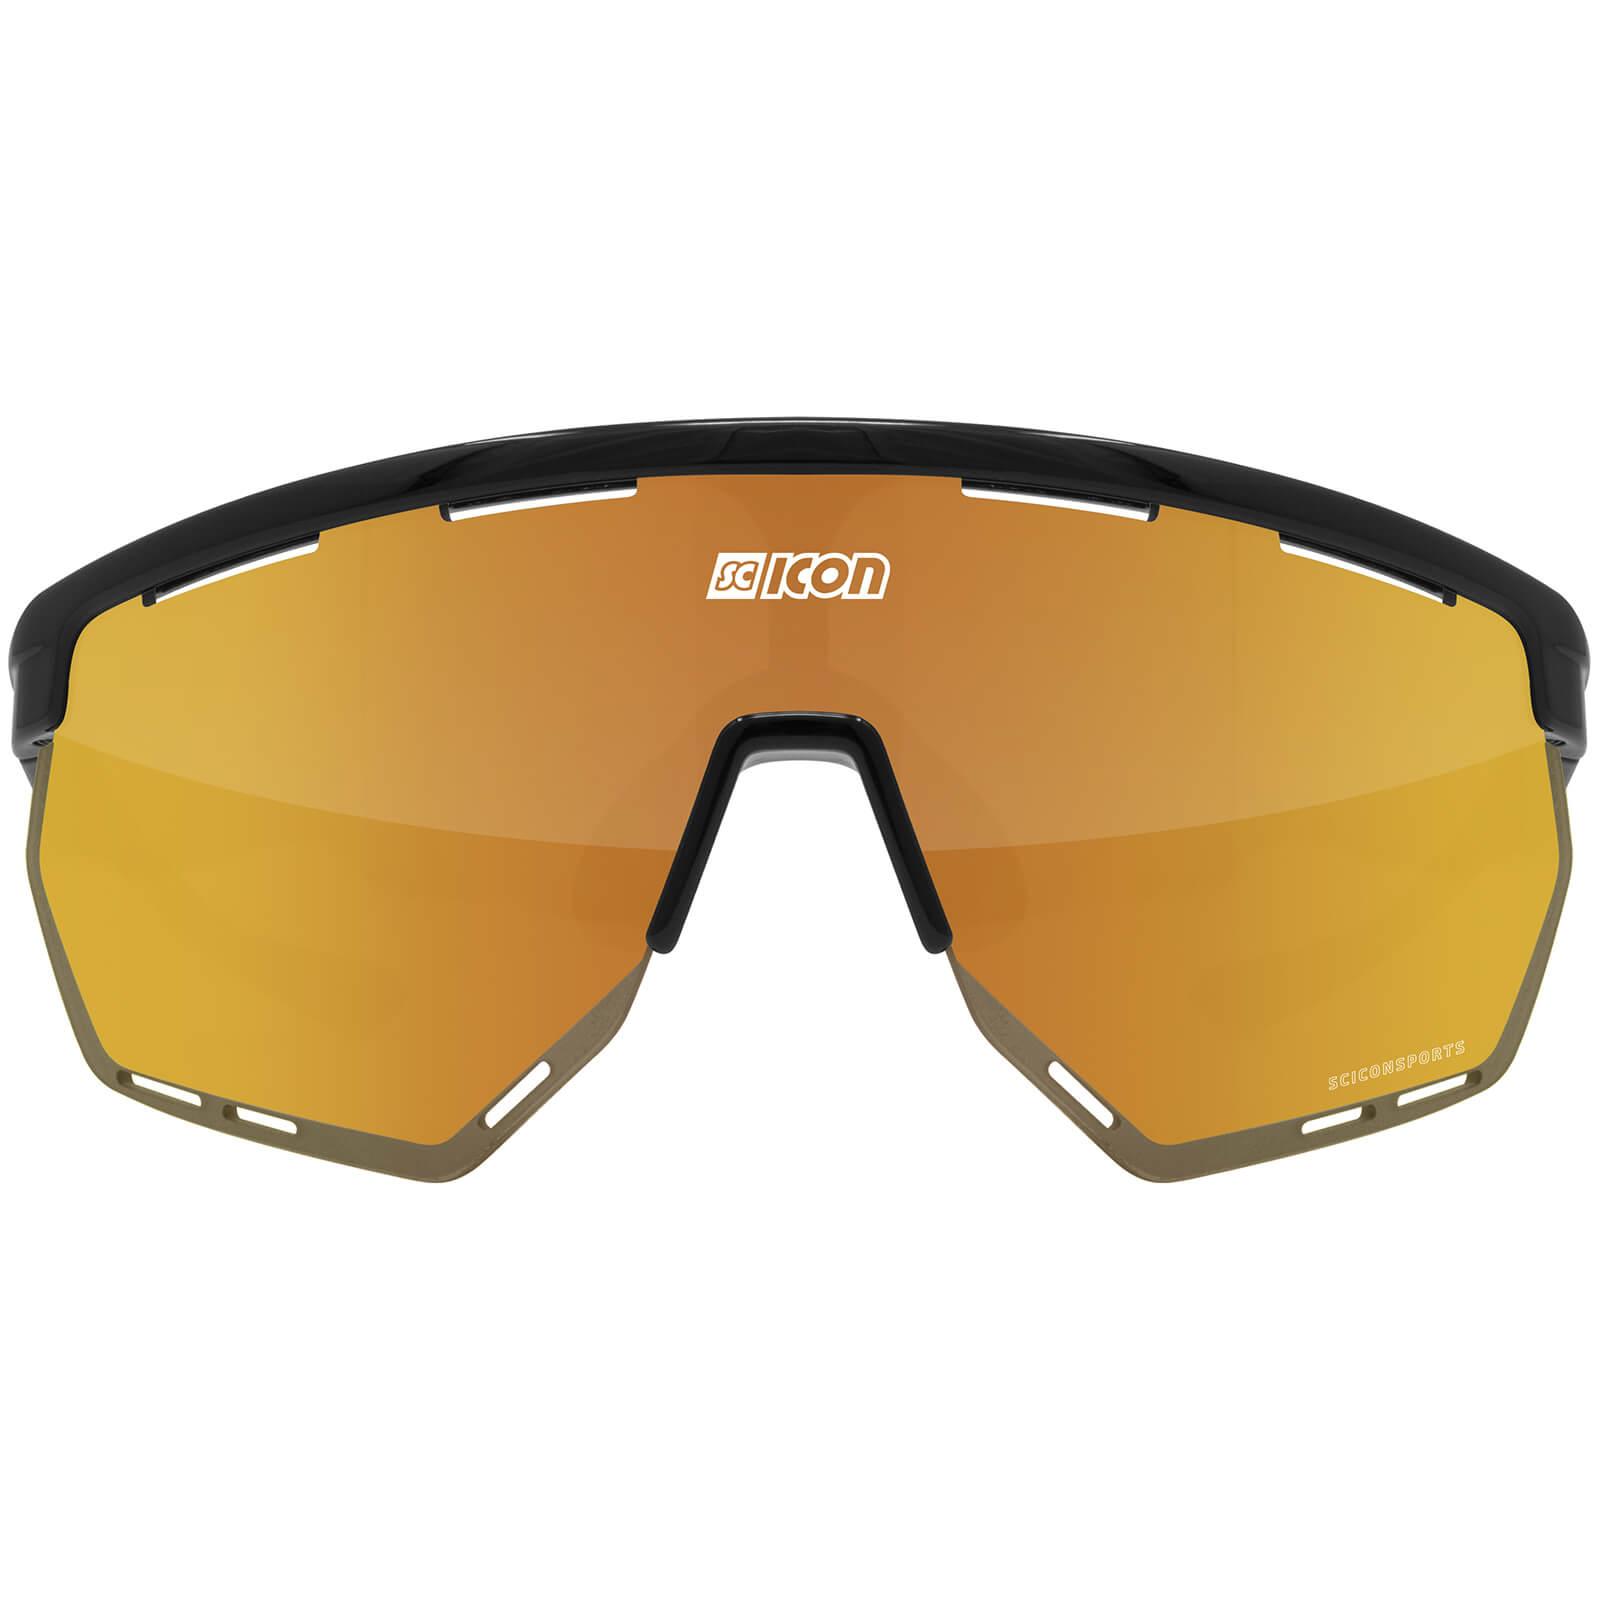 Scicon Aerowing Road Sunglasses - Black Gloss - Multimirror Bronze